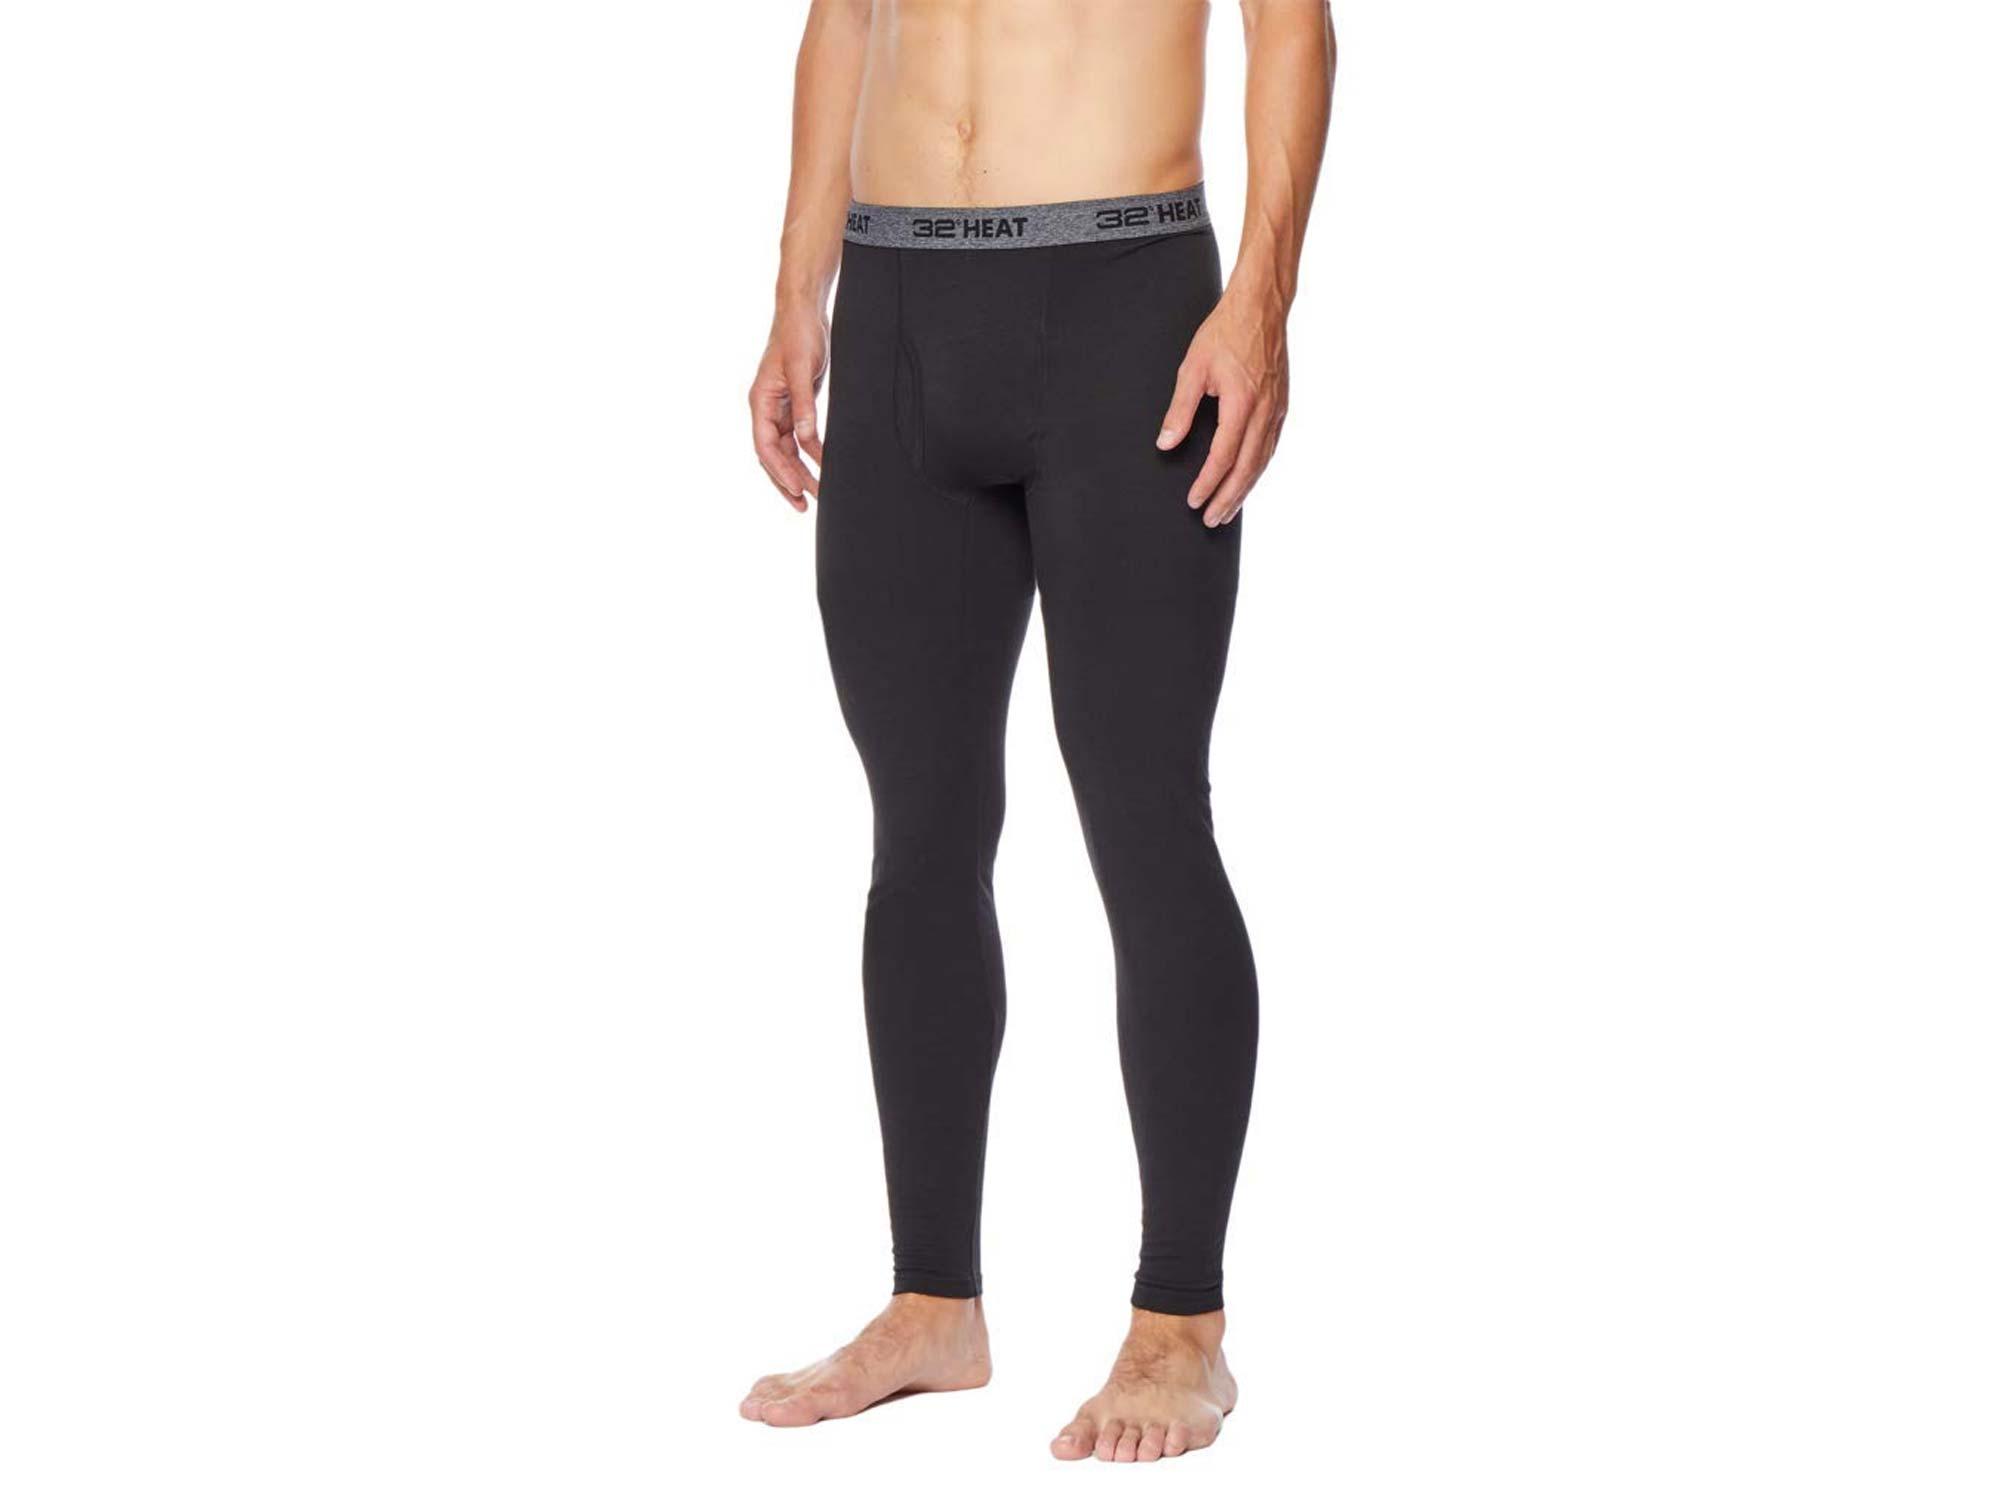 Man wearing base layer leggings